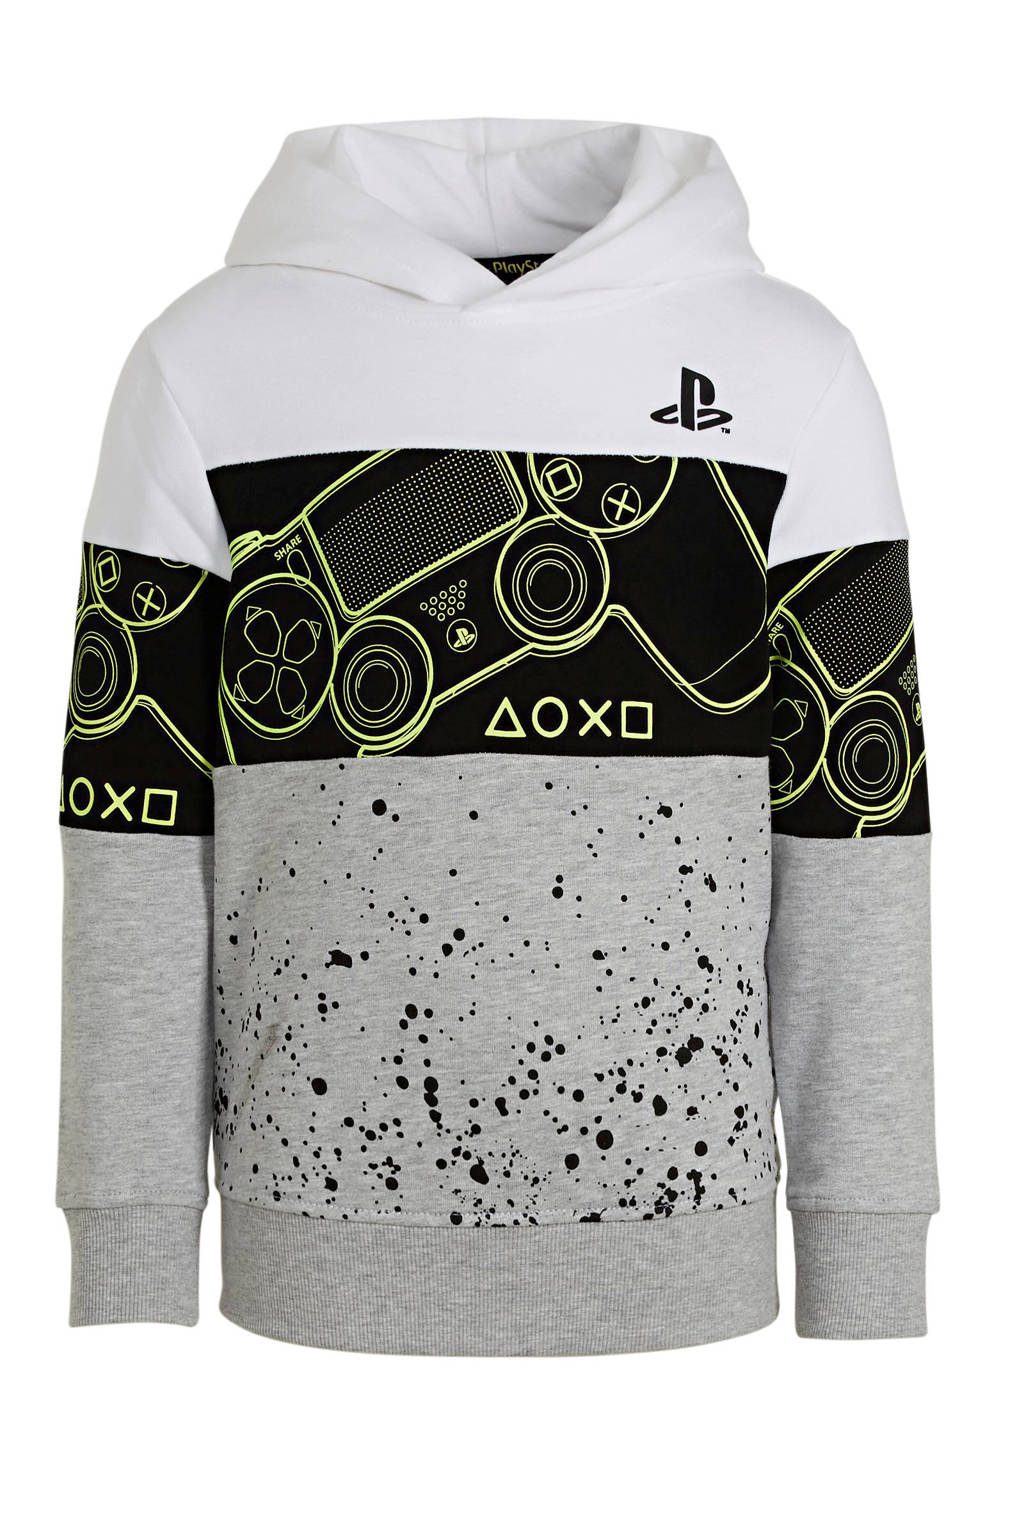 C&A hoodie wit/zwart/geel, Wit/zwart/geel